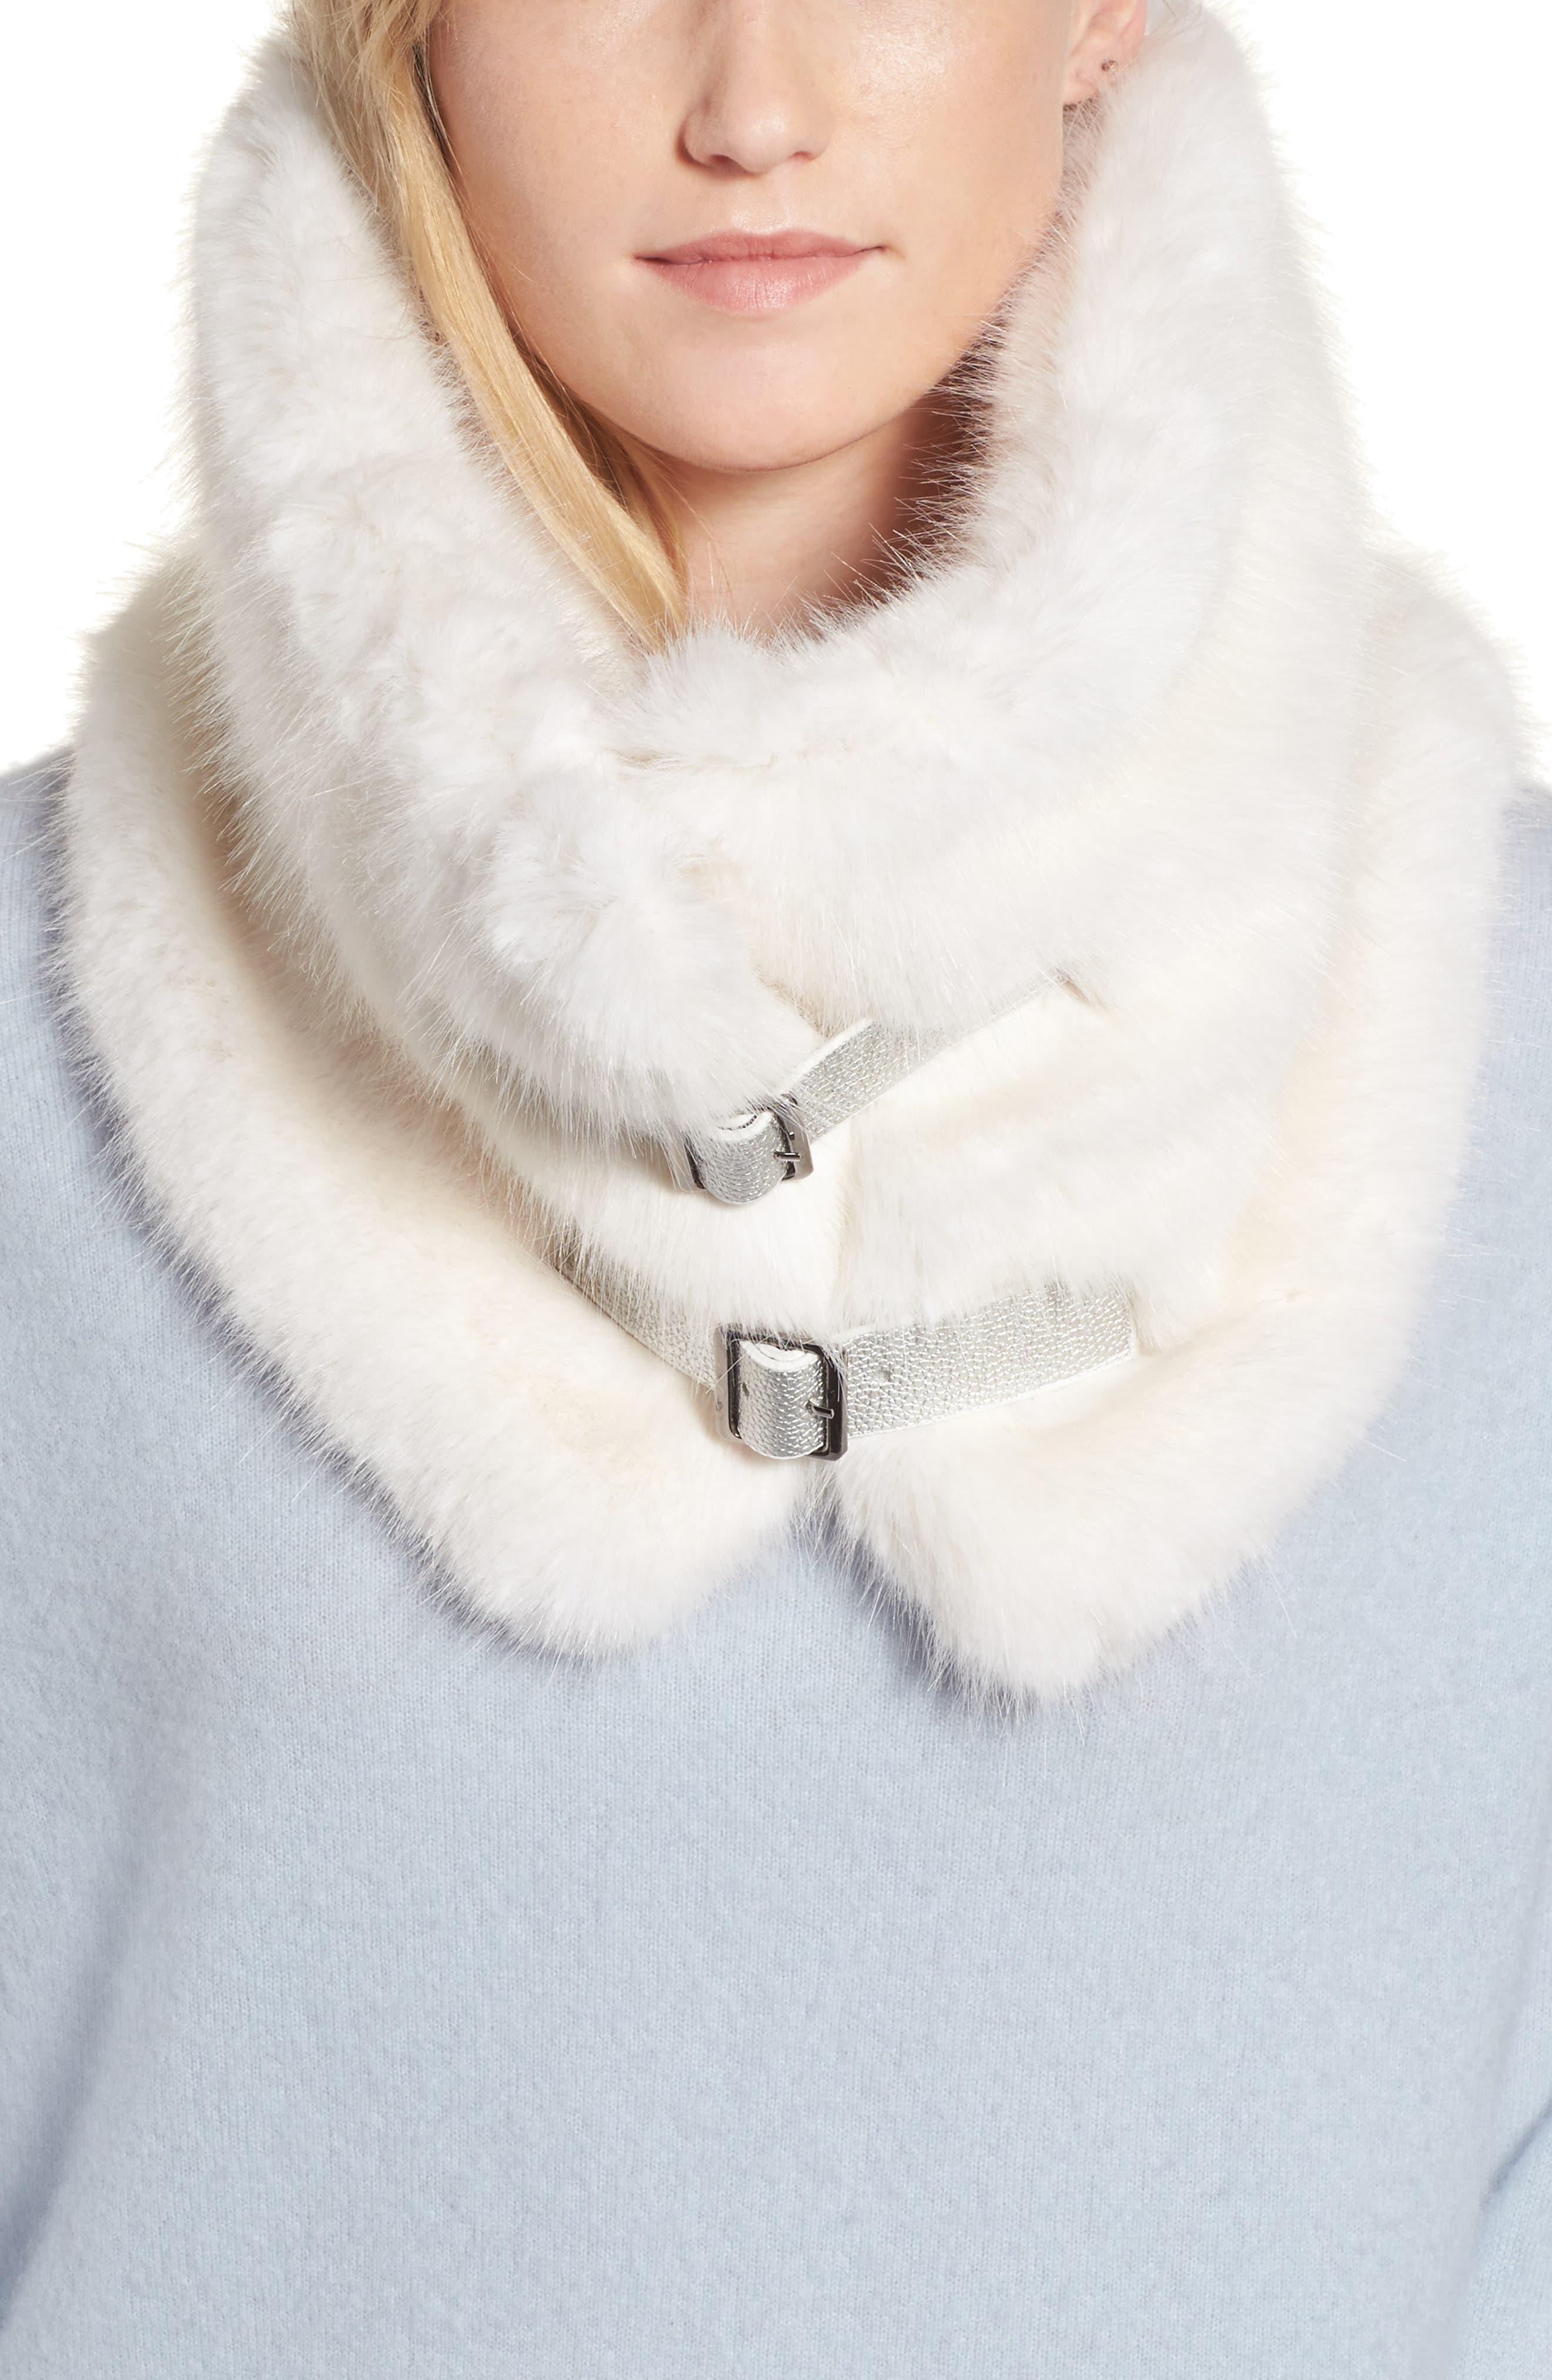 Heurueh Buckled Faux Fur Cowl Scarf